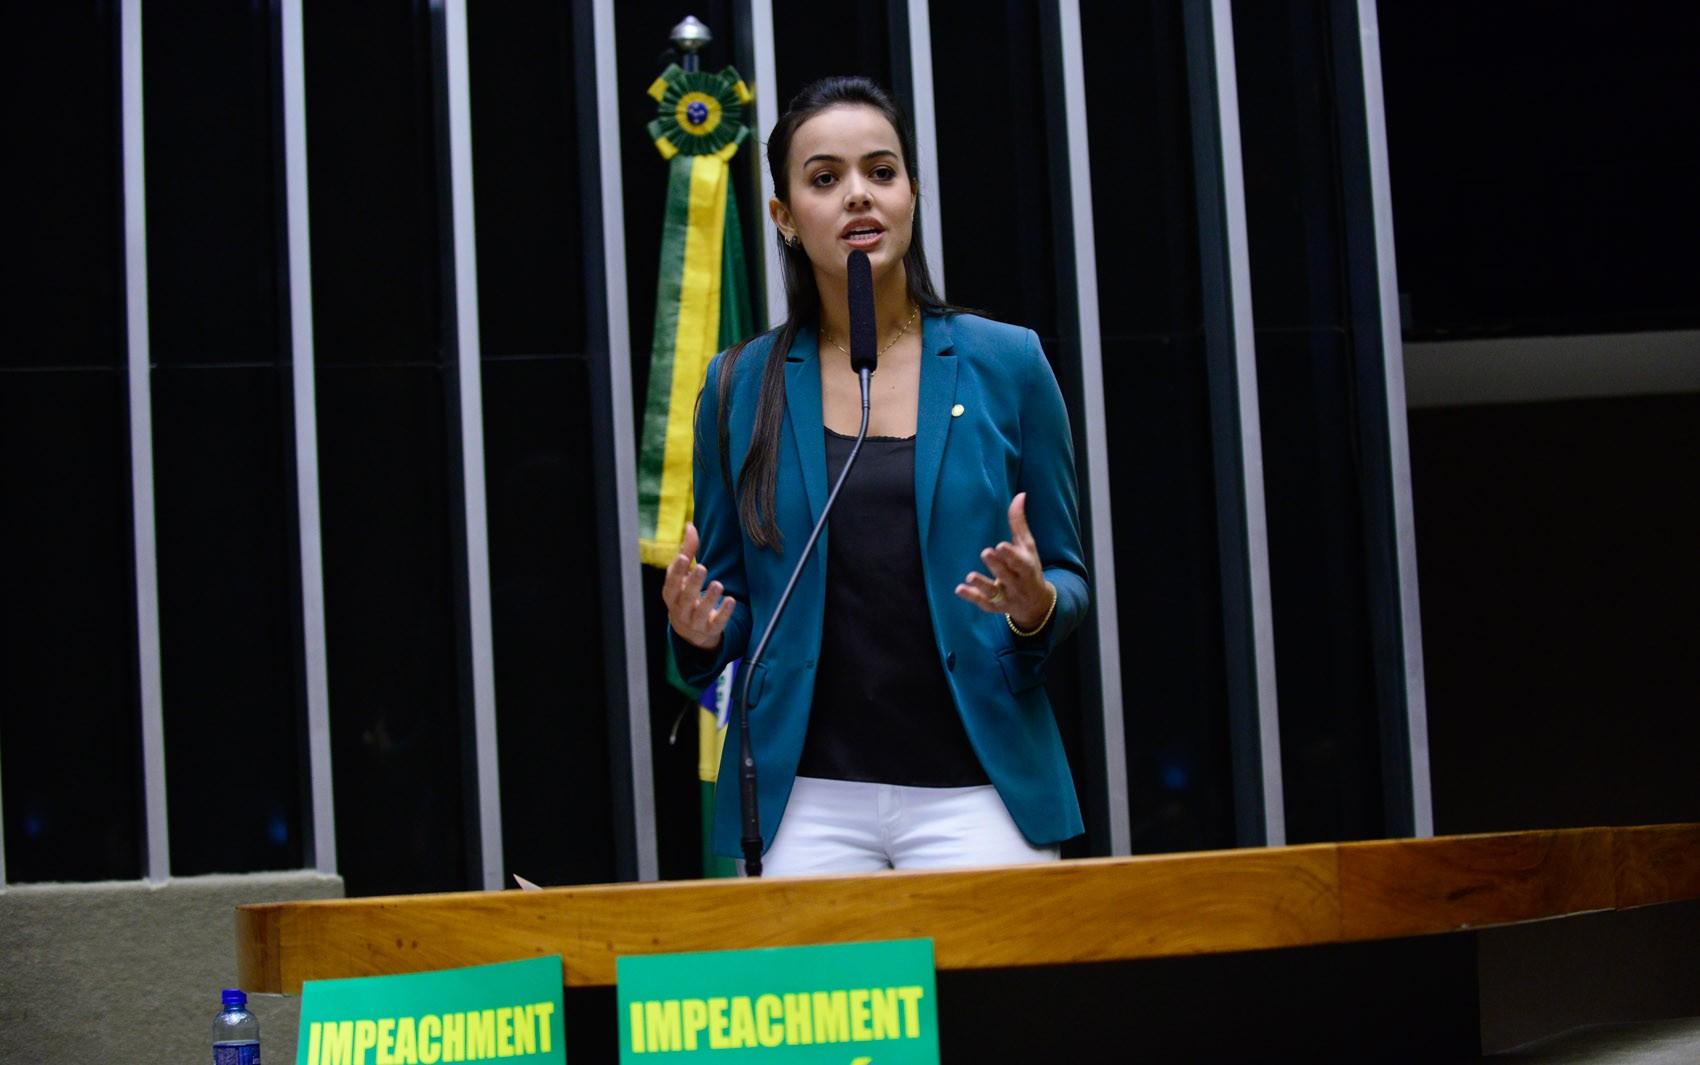 16/04 - A deputada Shéridan (PSDB-RR) discursa durante sessão que discute o processo de impeachment da presidente Dilma Rousseff no plenário da Câmara, em Brasília